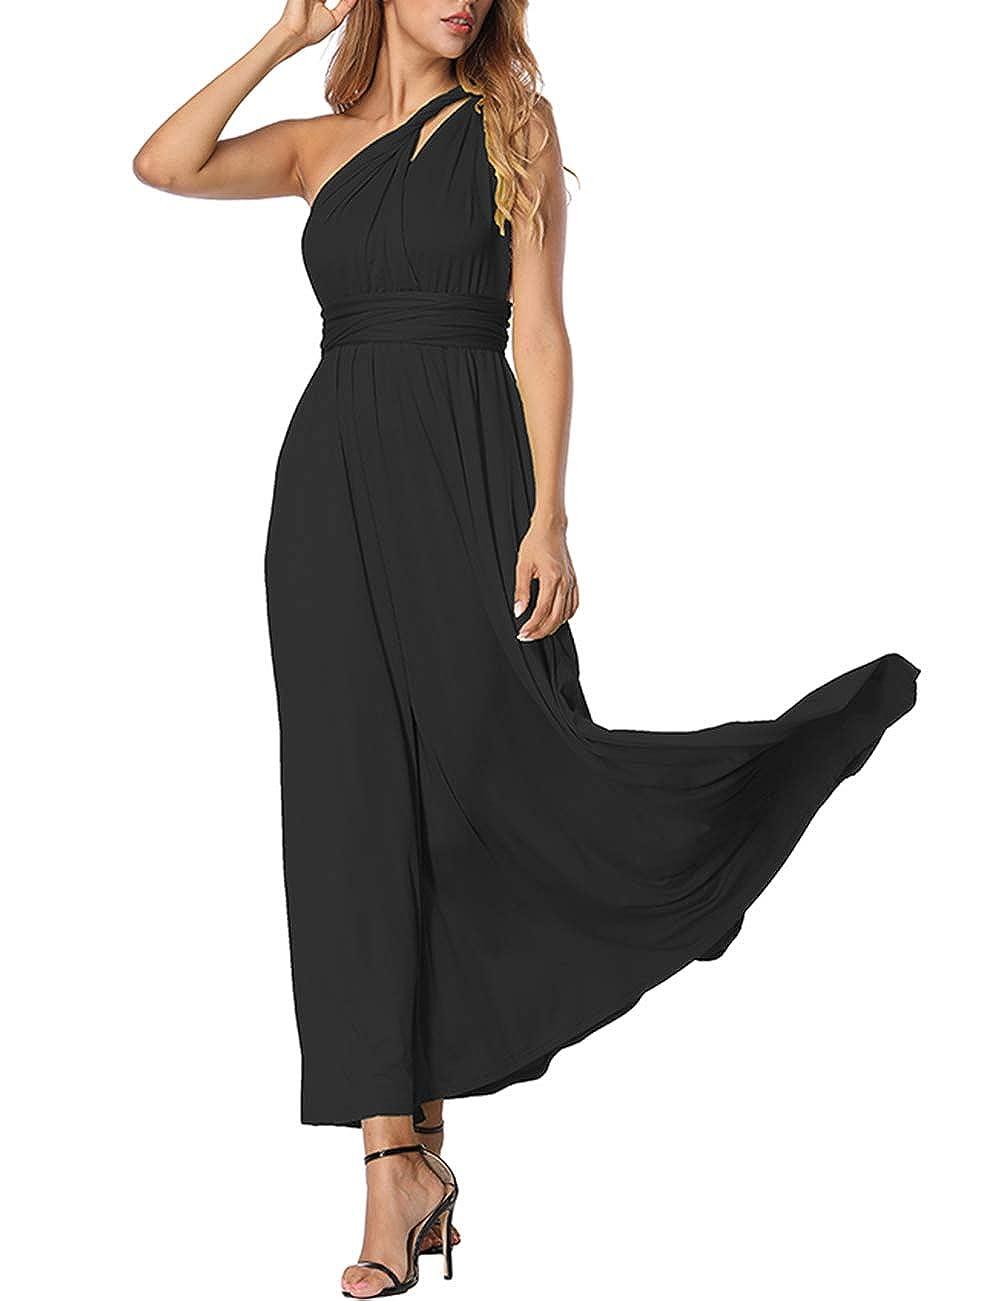 TALLA M(ES 40-44). FeelinGirl Mujer Vestido de Noche Longitud Máxima Falda Fiesta Cóctel Tirantes Convertibles Multi-Manera Negro M(ES 40-44)